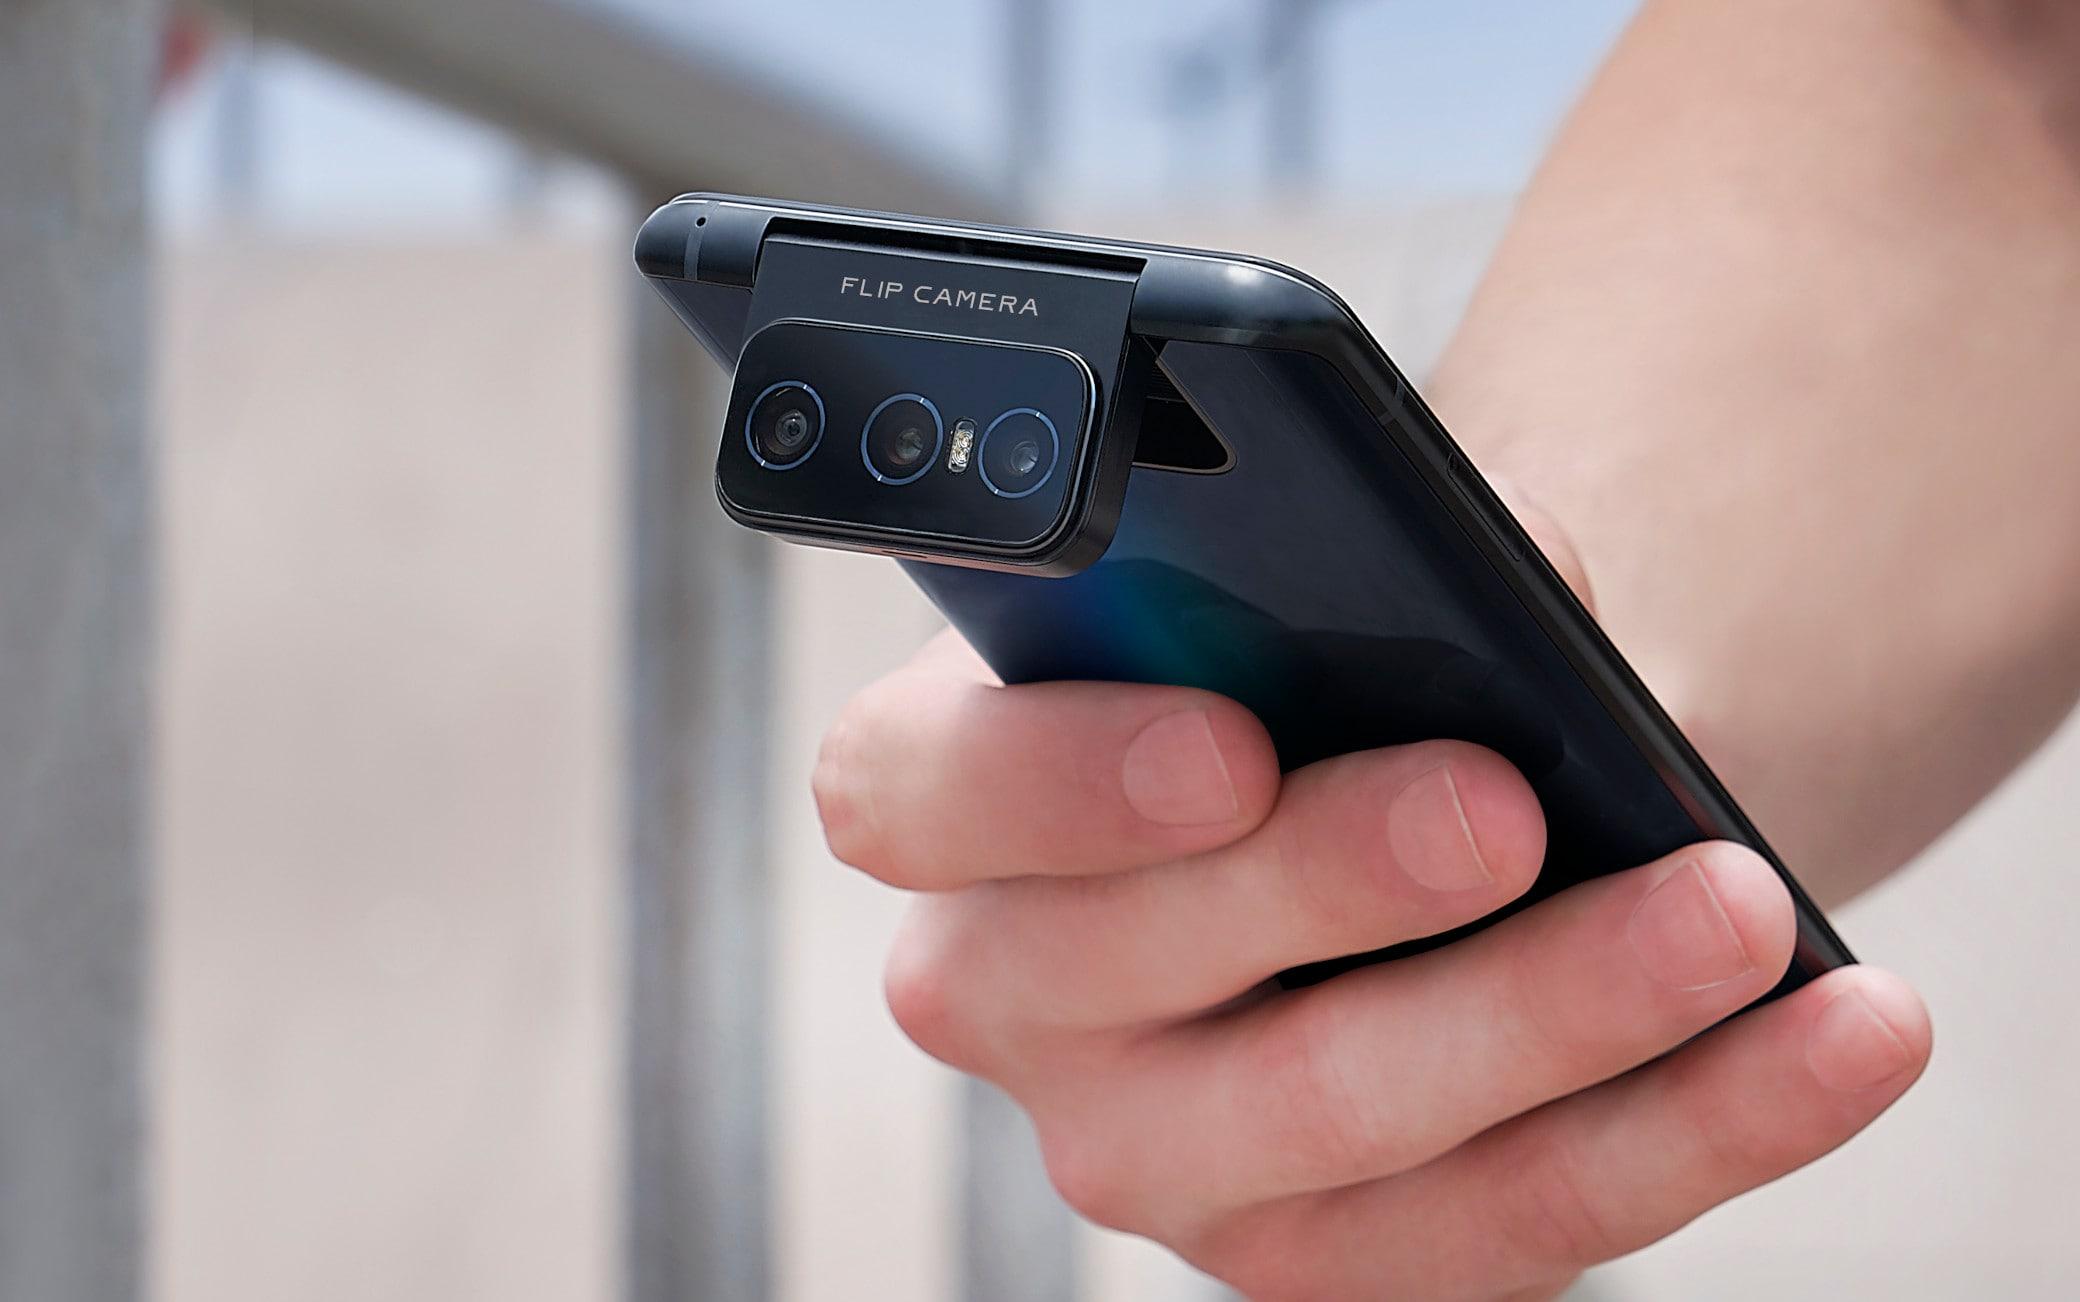 La Flip Camera, vero gioiello dello ZenFone 7 Pro